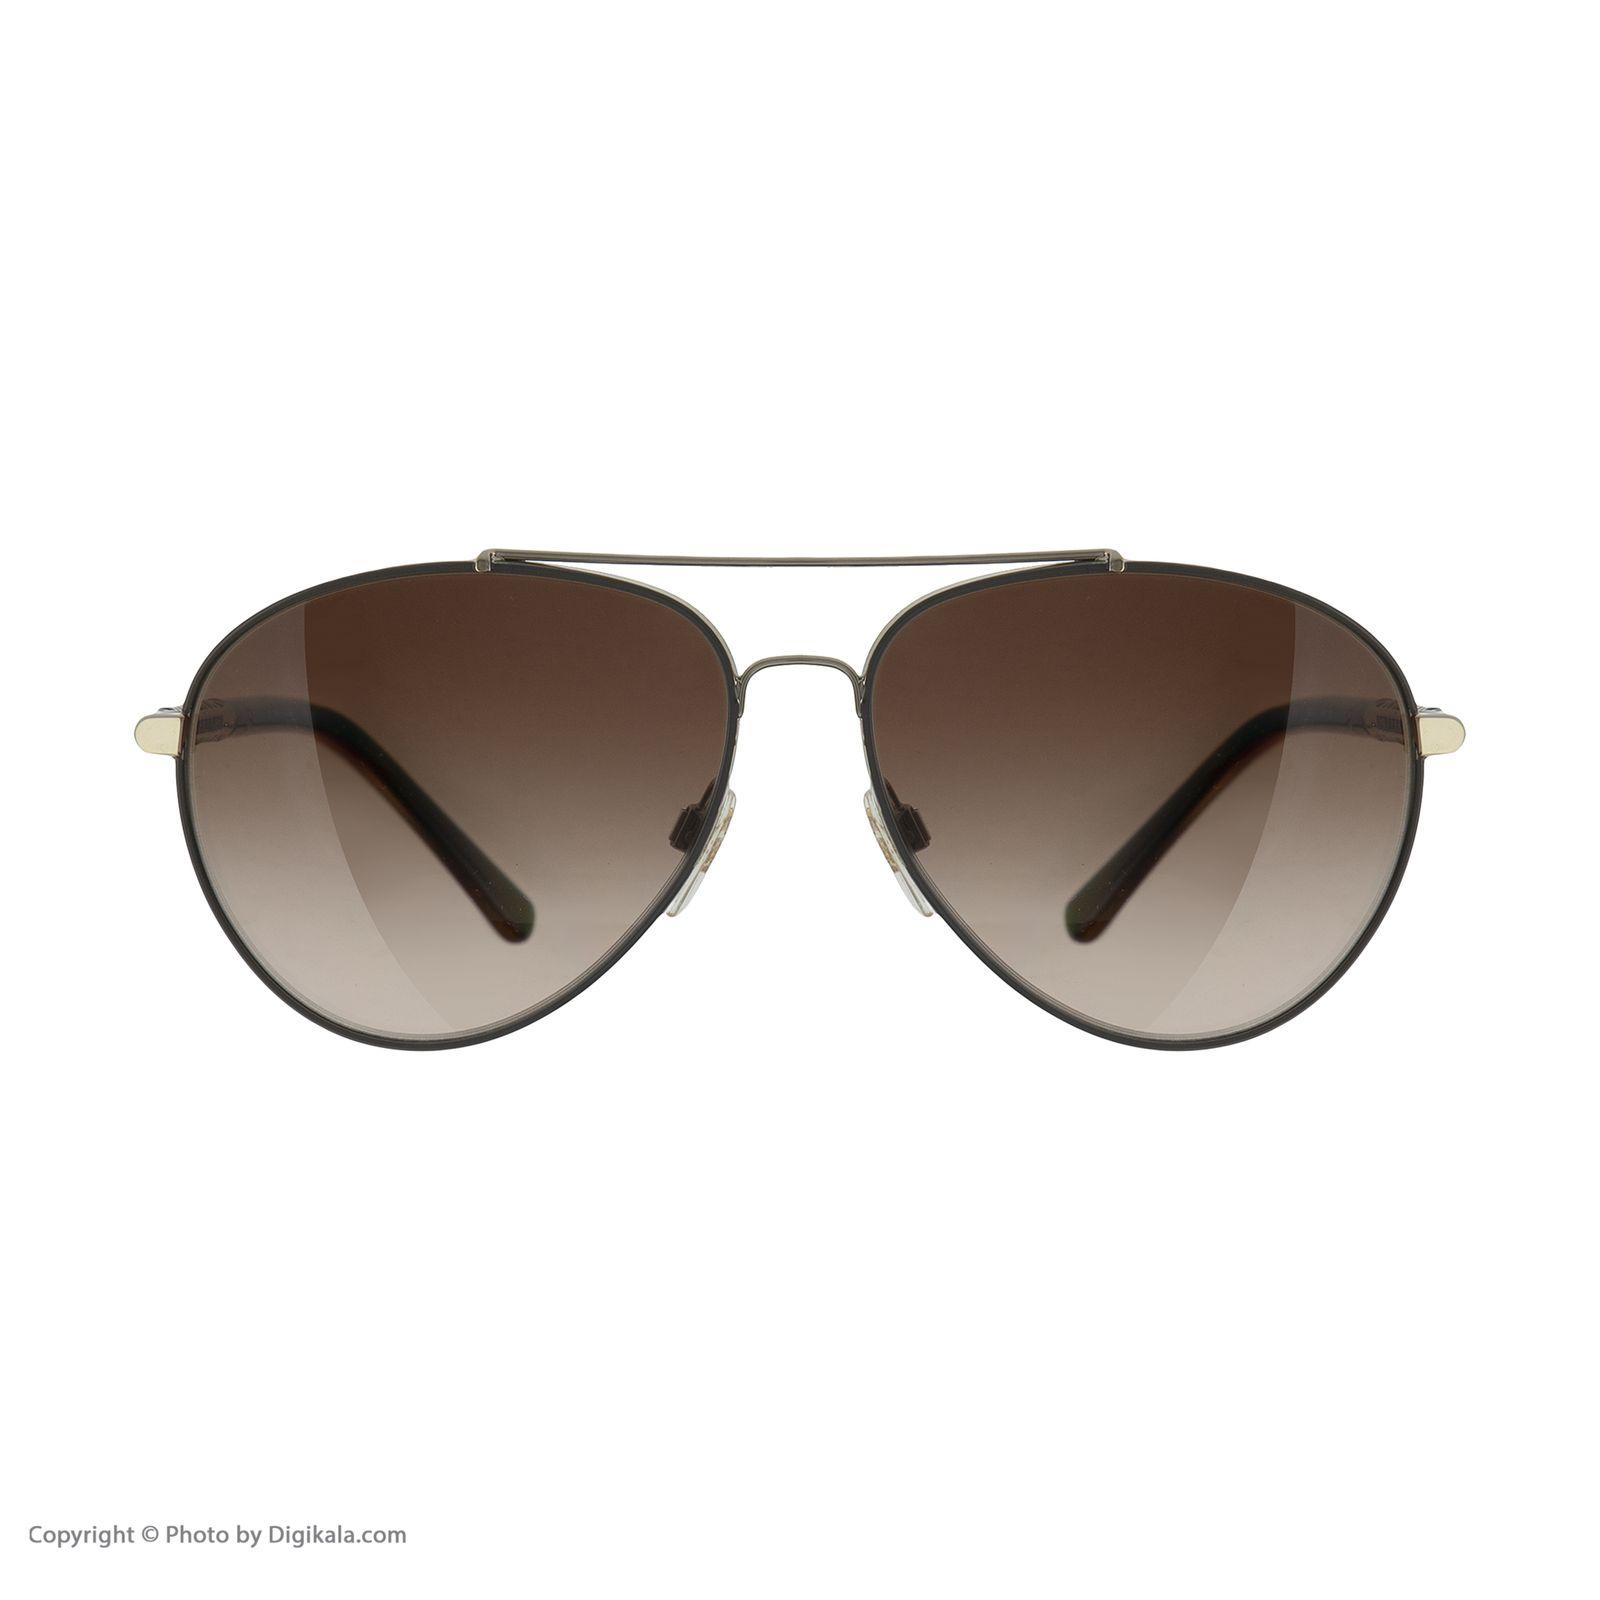 عینک آفتابی زنانه بربری مدل BE 3089S 114513 58 -  - 3